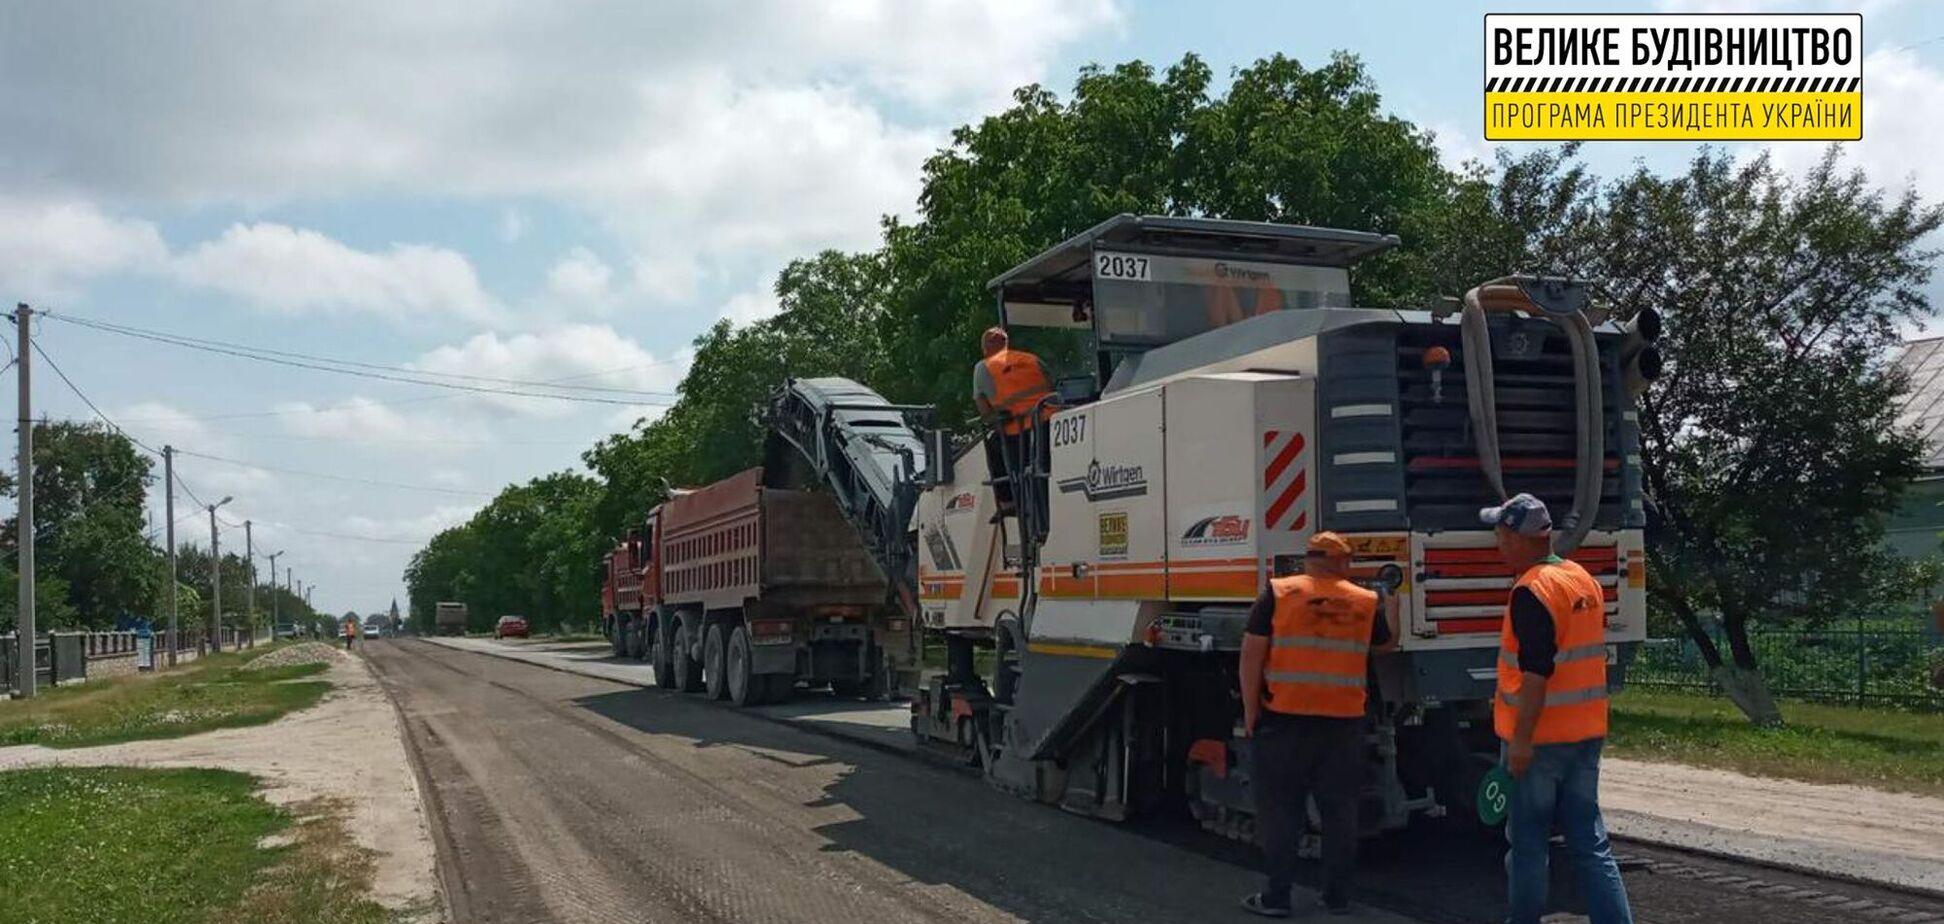 'Большая стройка': в Тернопольской области стартовал ремонт самой длинной и самой плохой дороги региона